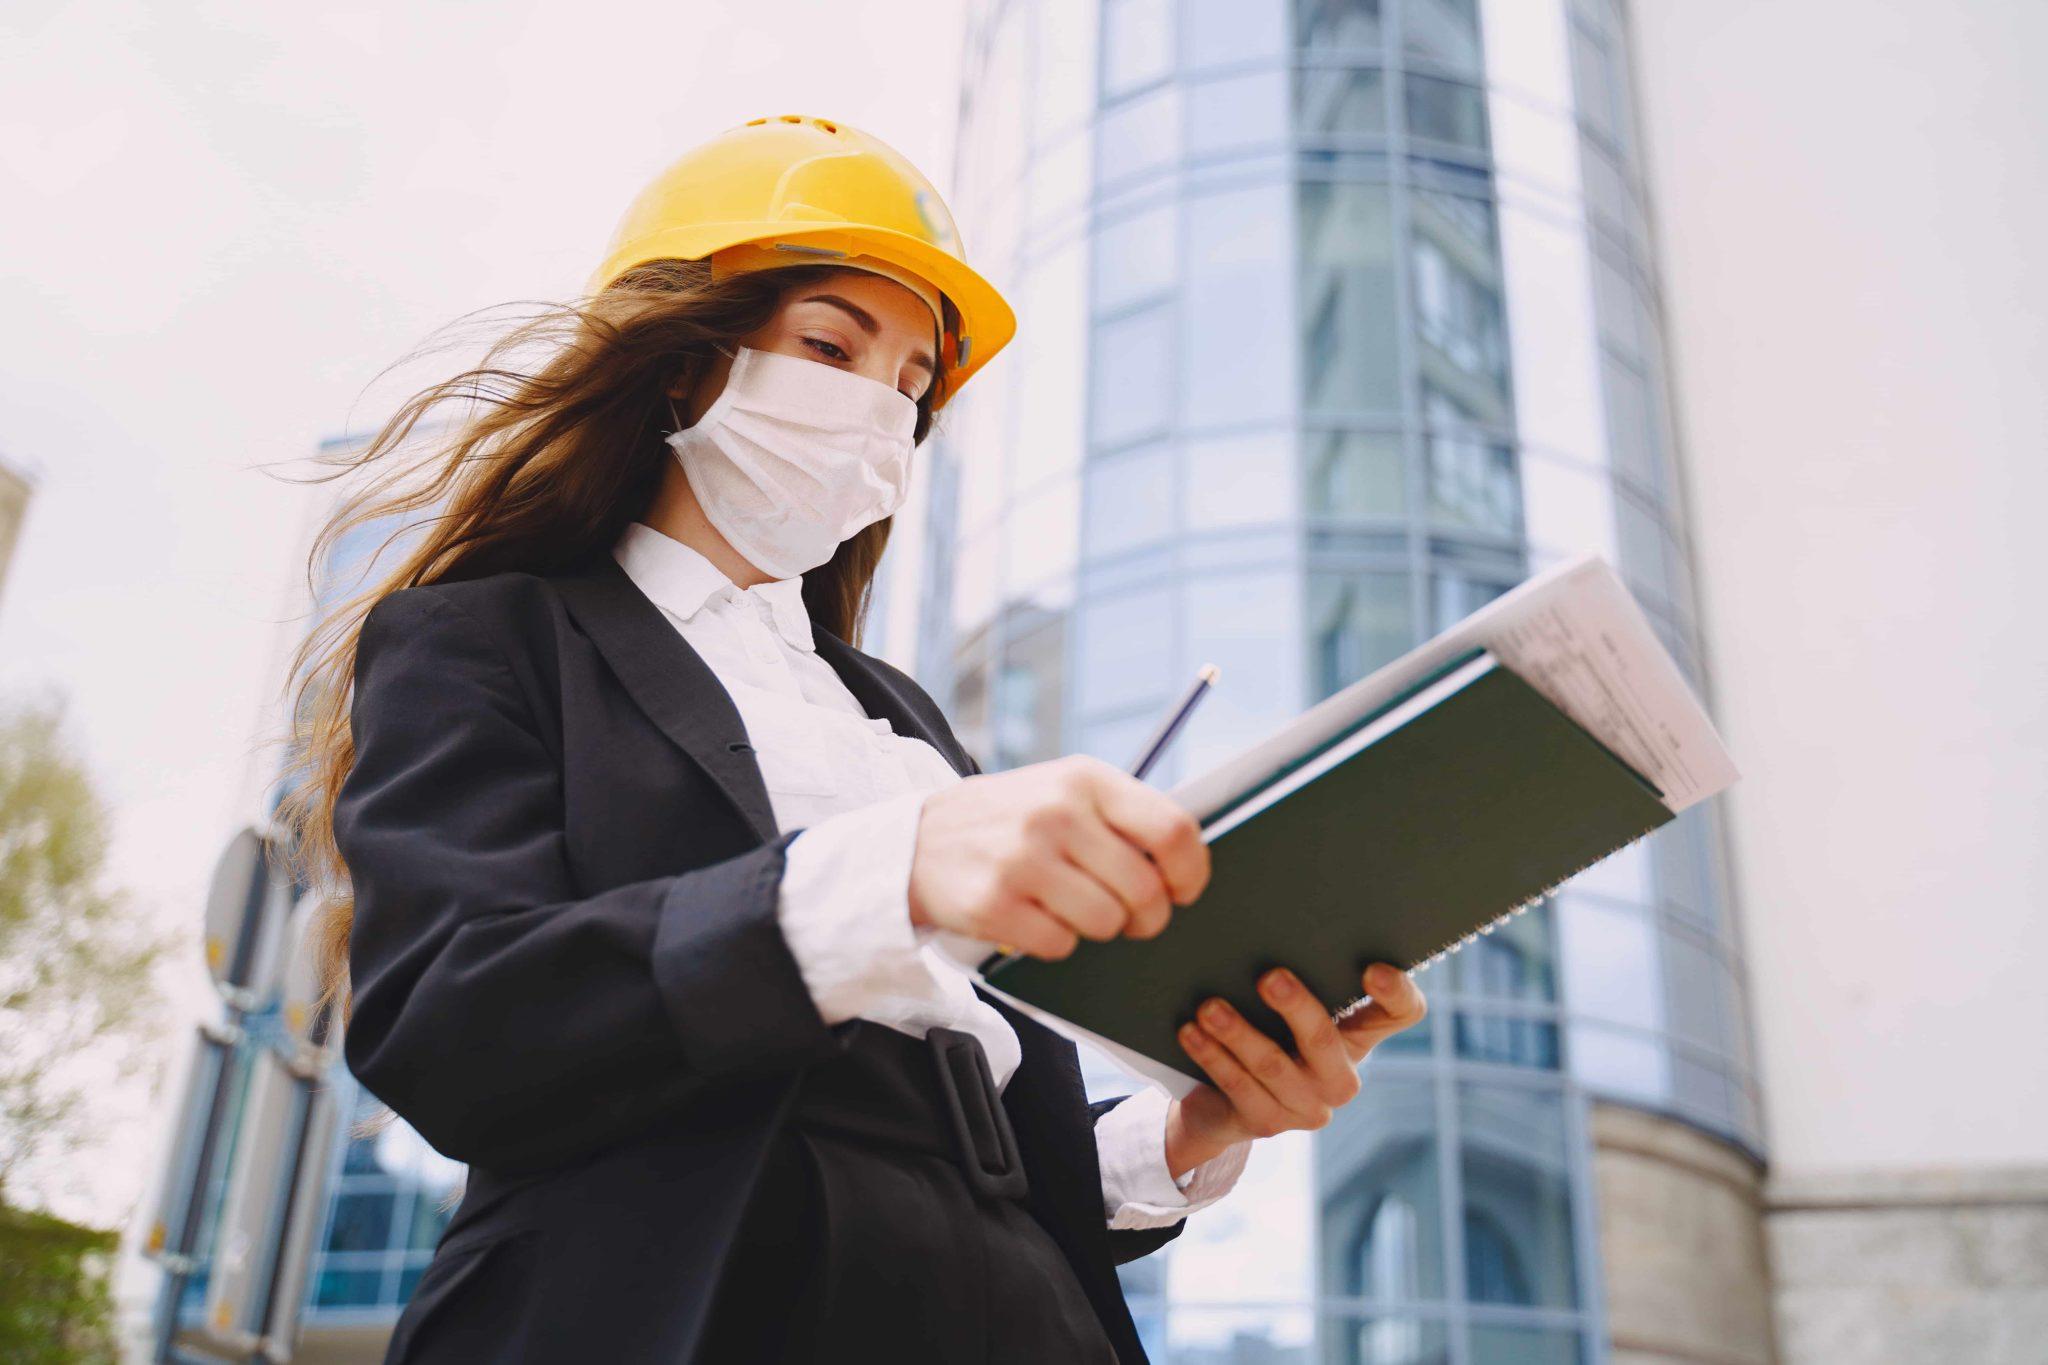 mujer arquitecto utilizando medidas de prevención